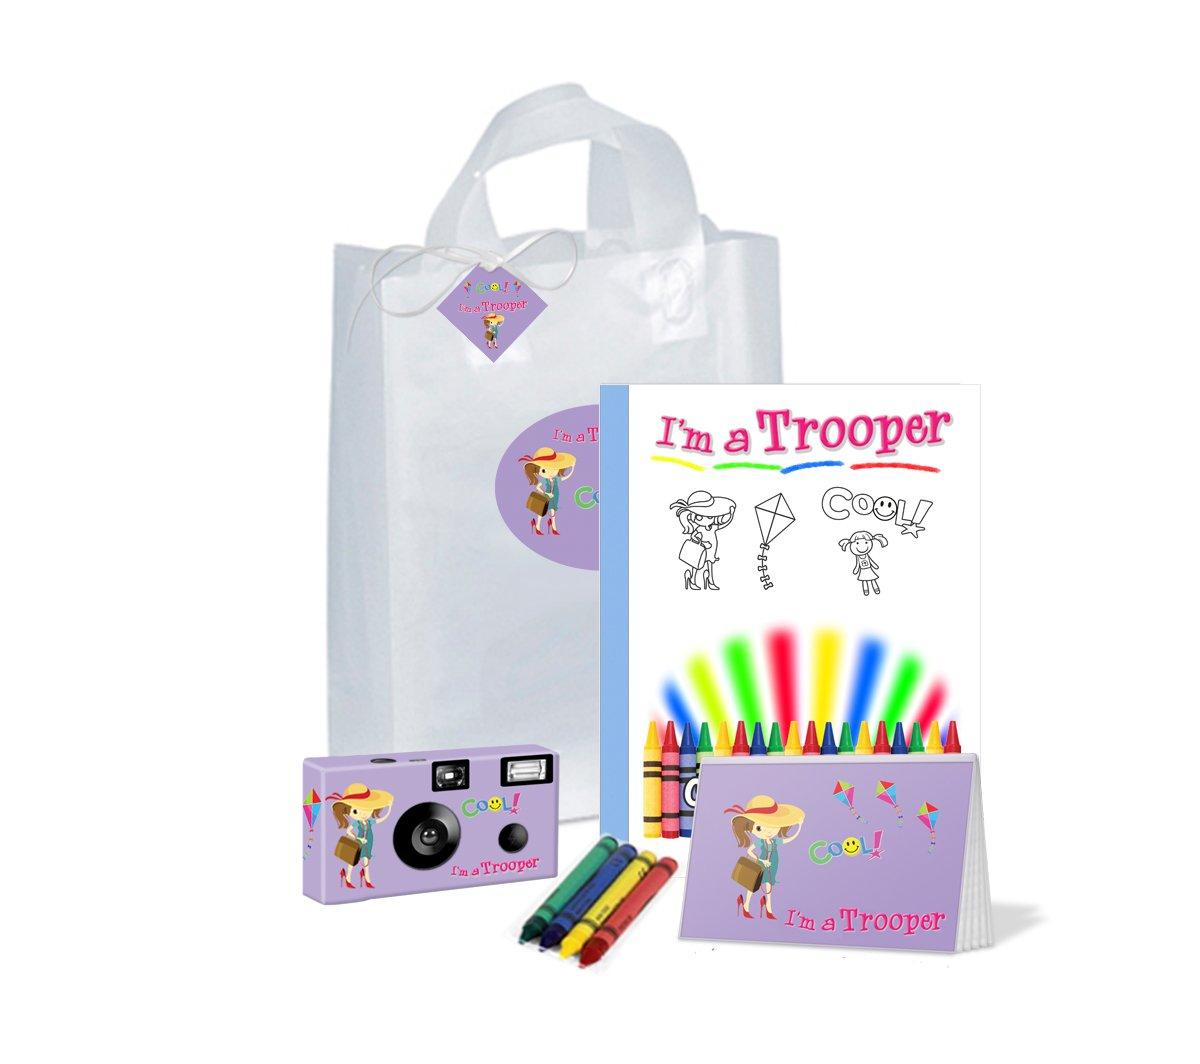 I ' m a Trooper Girl inラベンダーの贈り物bag-full goodies-camera、フォトアルバム、カラーリングブックand More、pkg101   B077BHLVNN